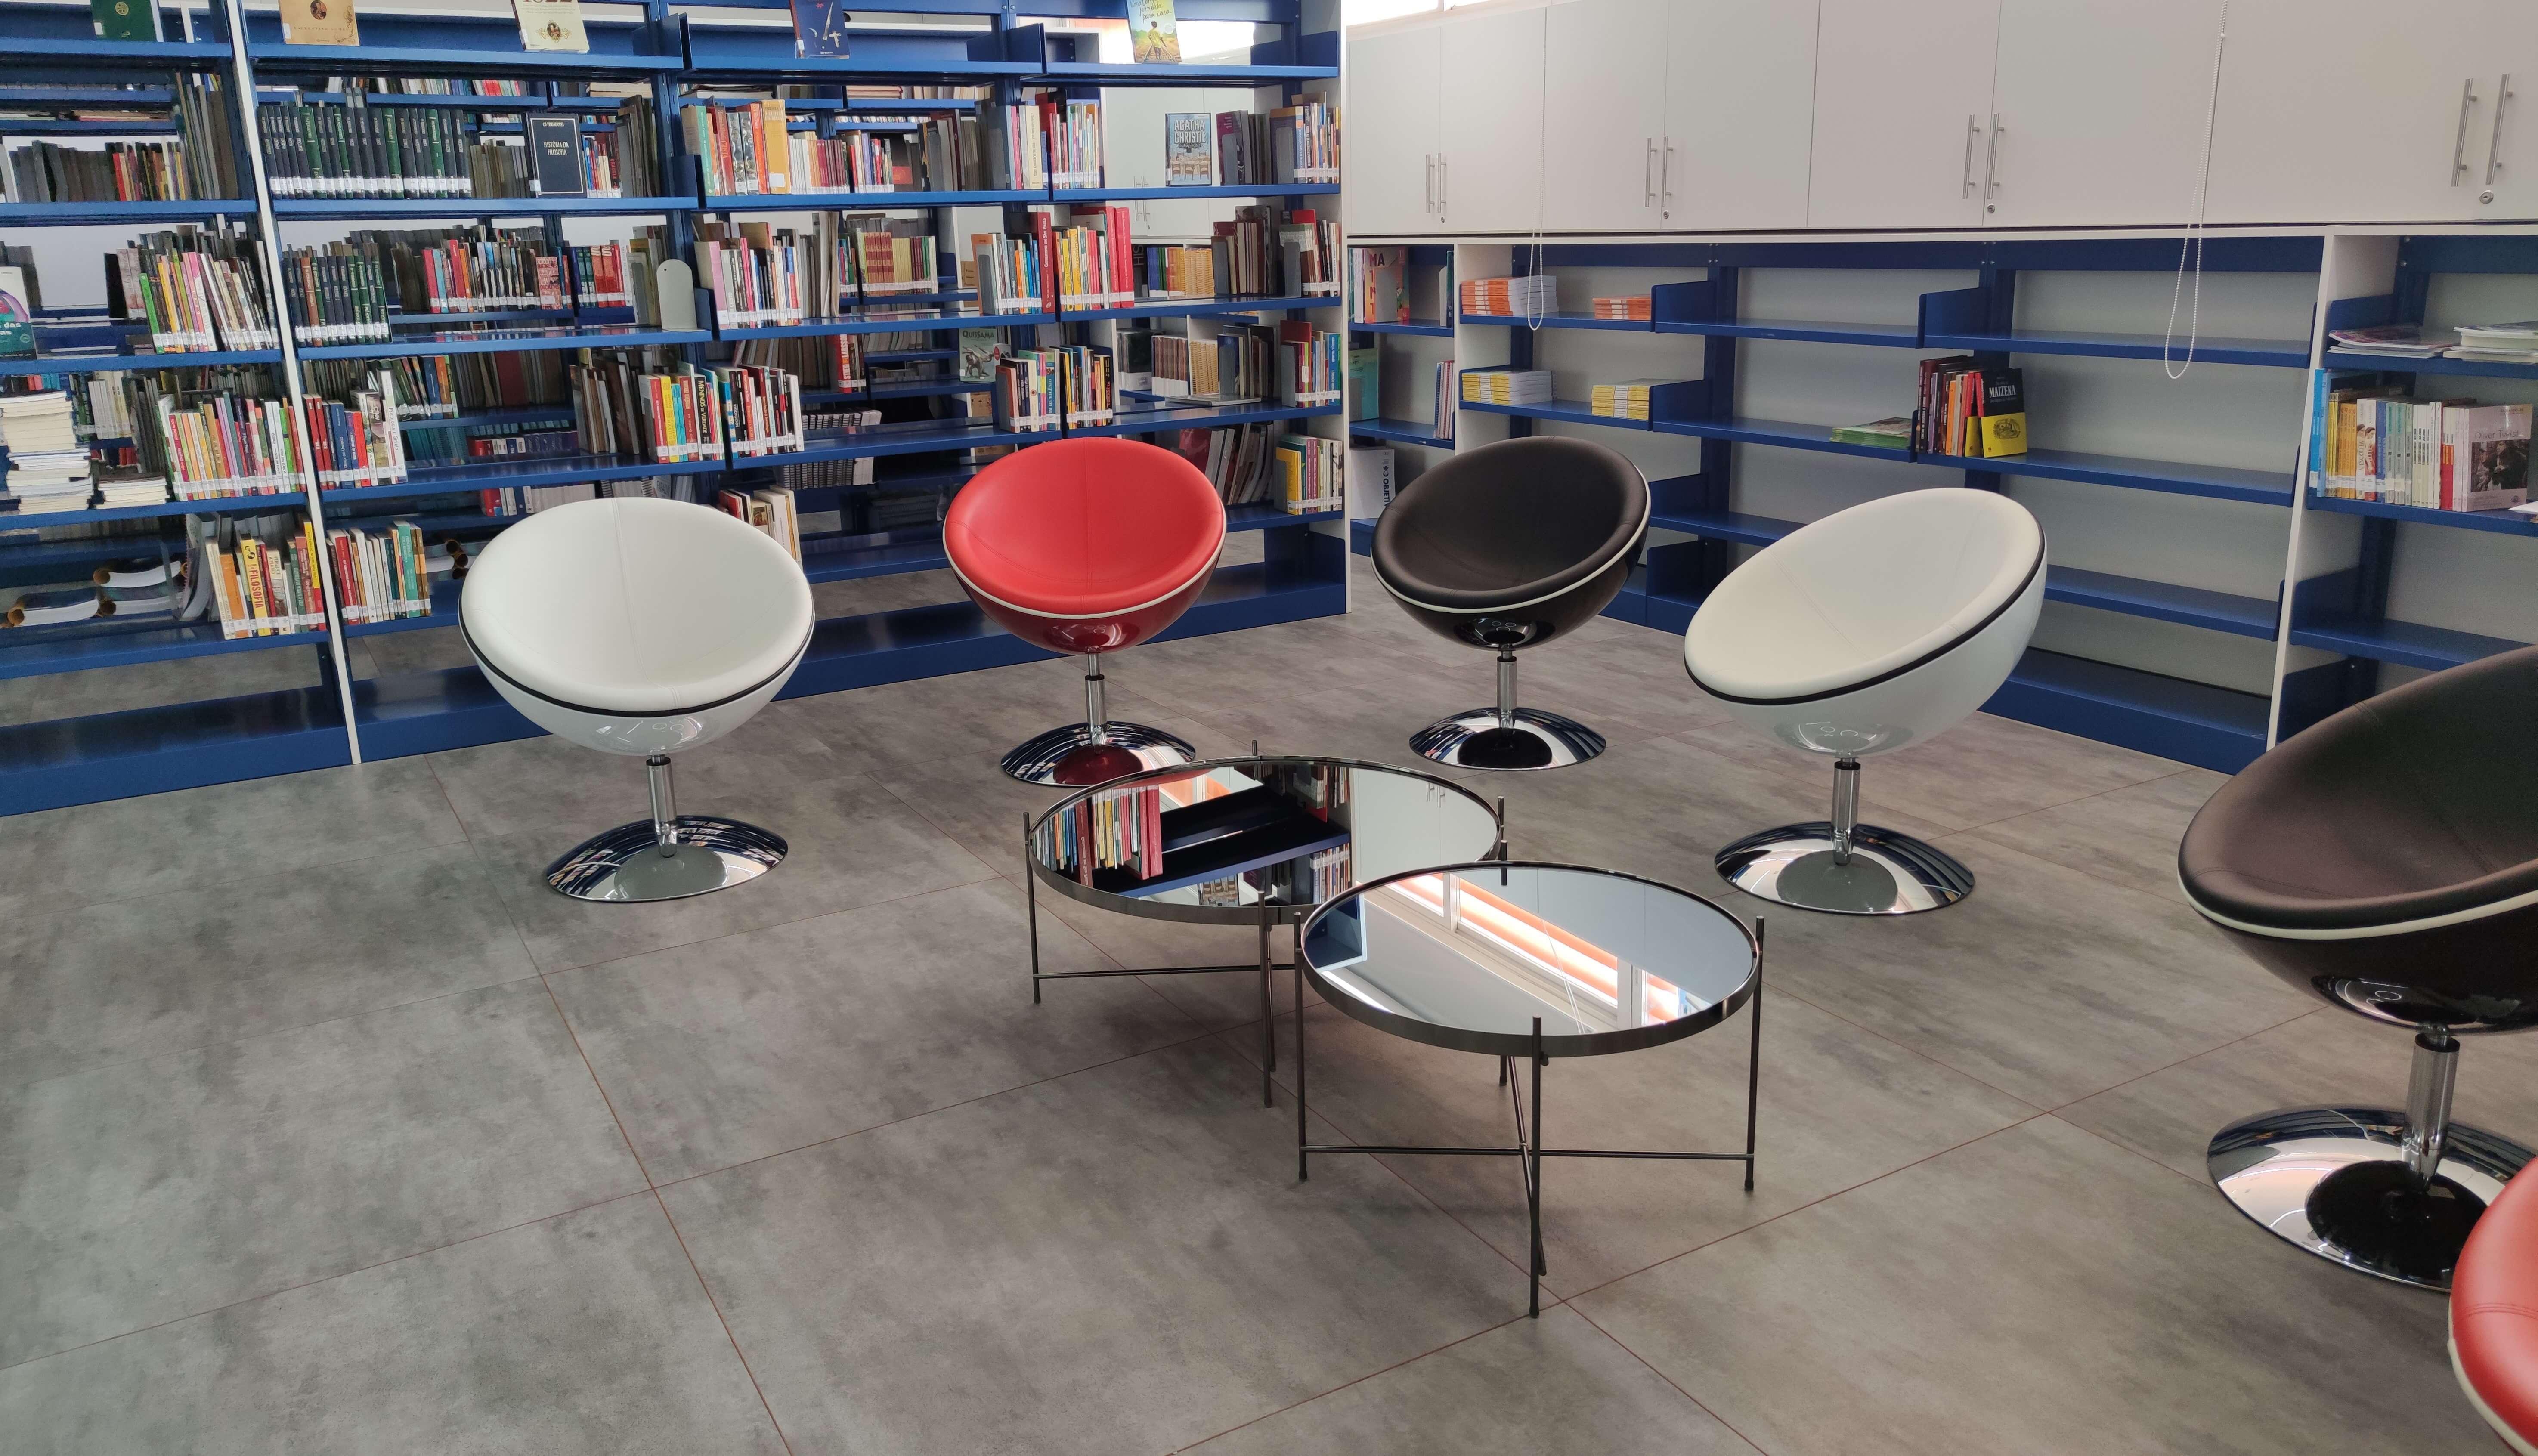 Grupo SAEA de Educação lança sistema de bibliotecas digital